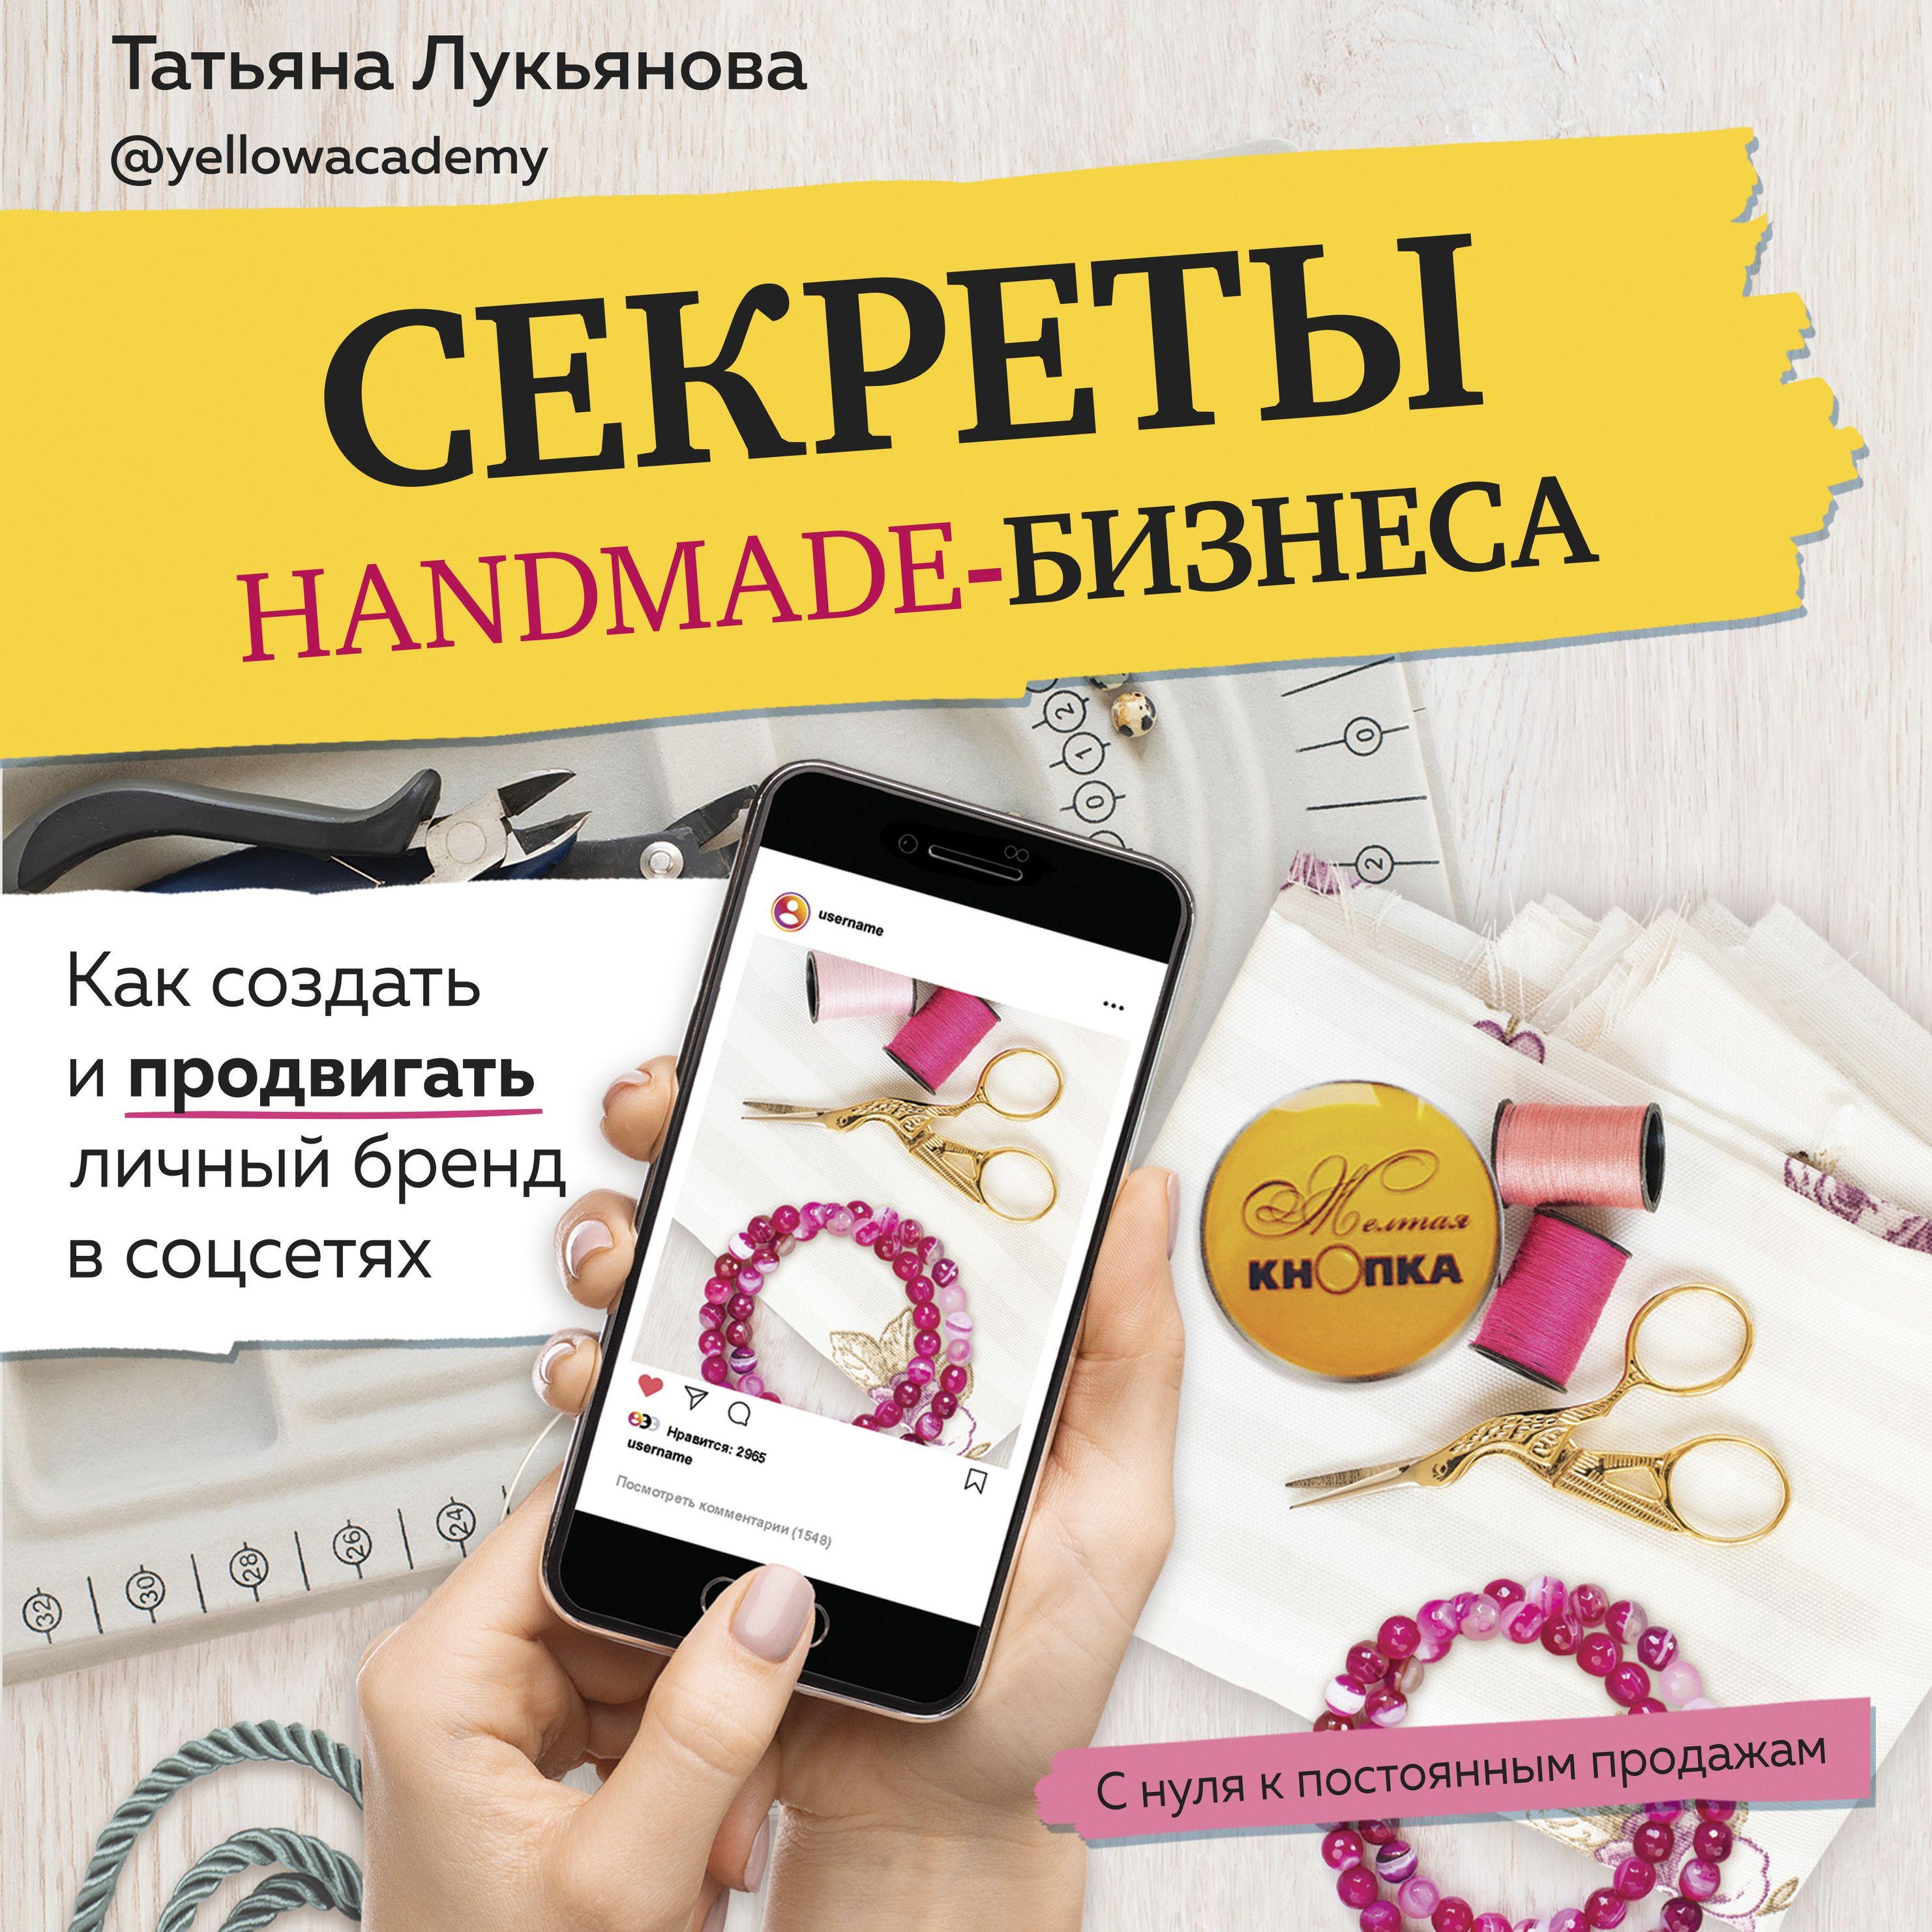 Секреты handmade-бизнеса. Как создать и продвигать личный бренд в соцсетях